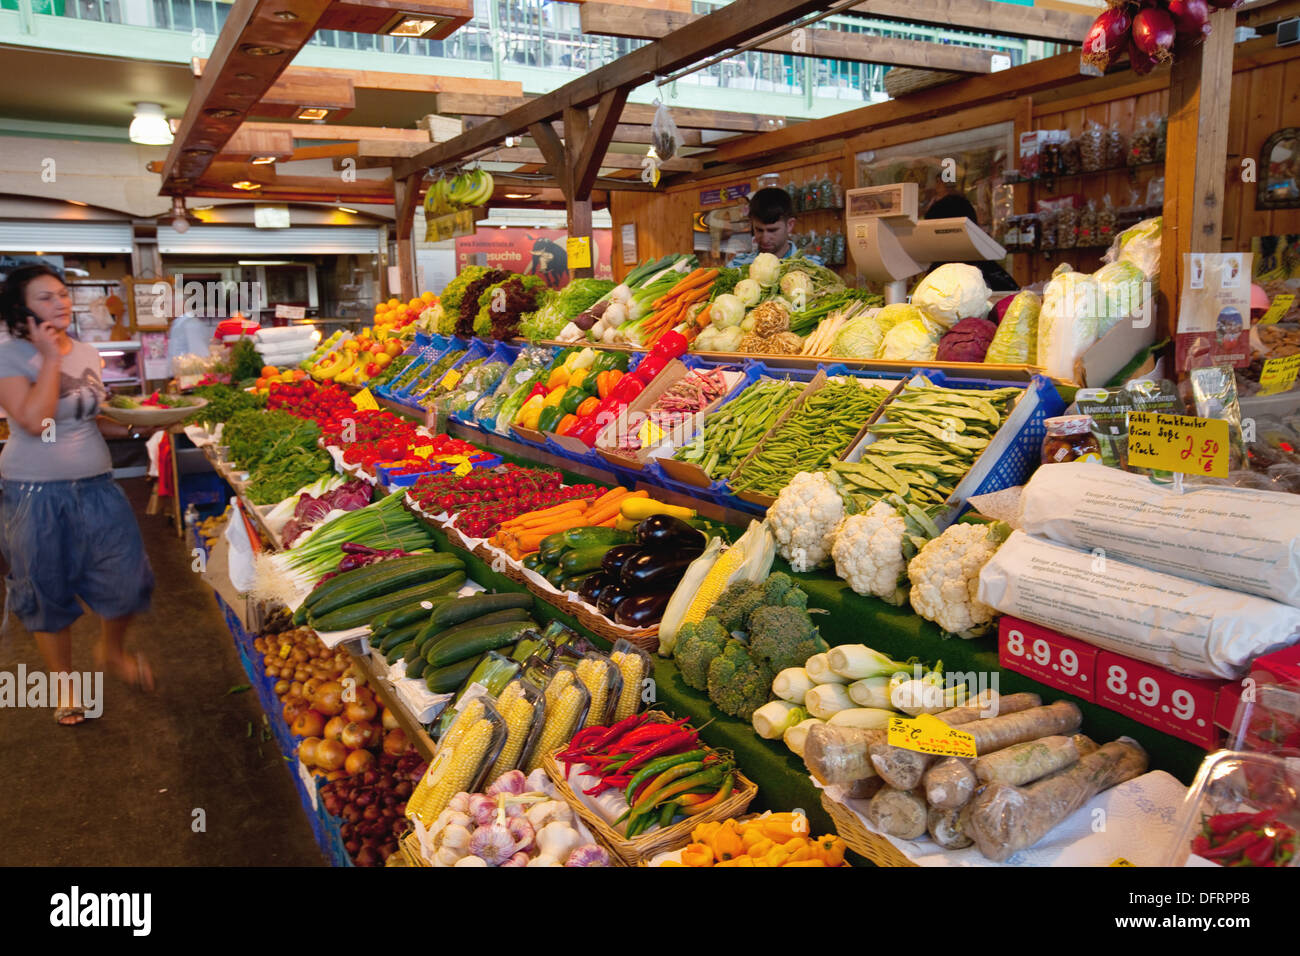 fruit and vegetables stalls at the indoor market kleinmarkt halle stock photo 61373715 alamy. Black Bedroom Furniture Sets. Home Design Ideas